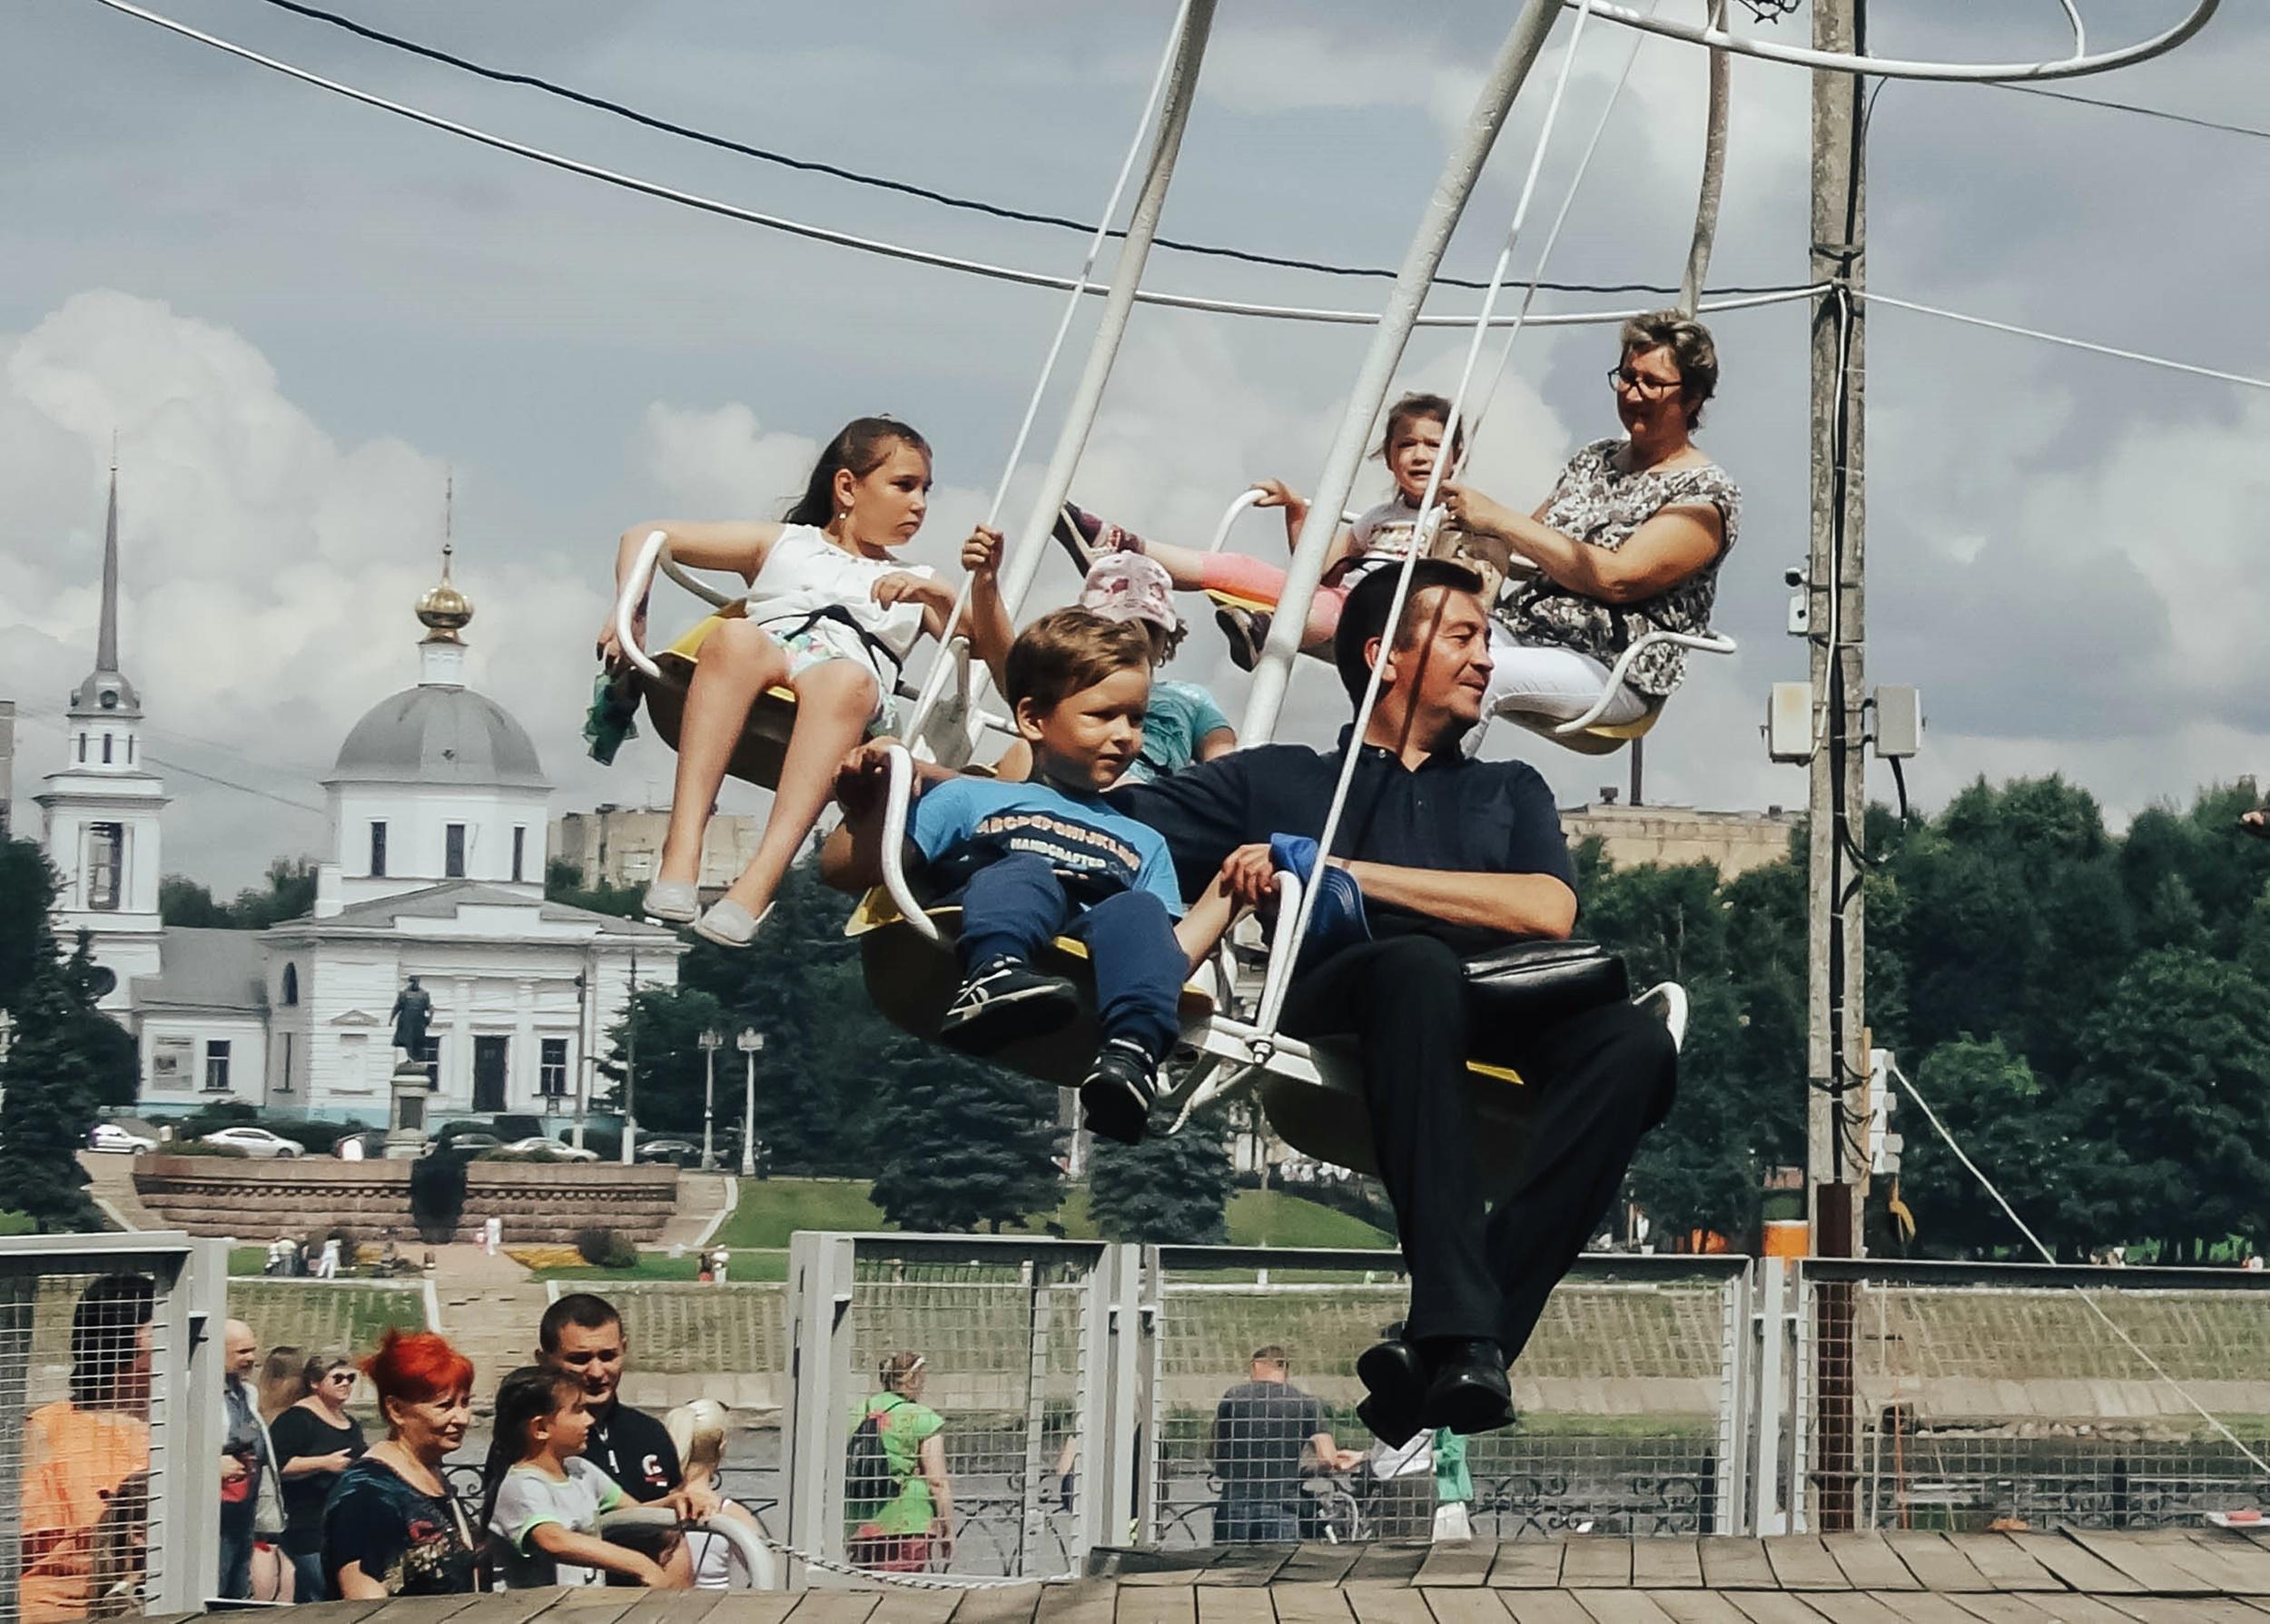 Семья, любовь и верность: в Твери пройдут праздничные мероприятия 8 июля